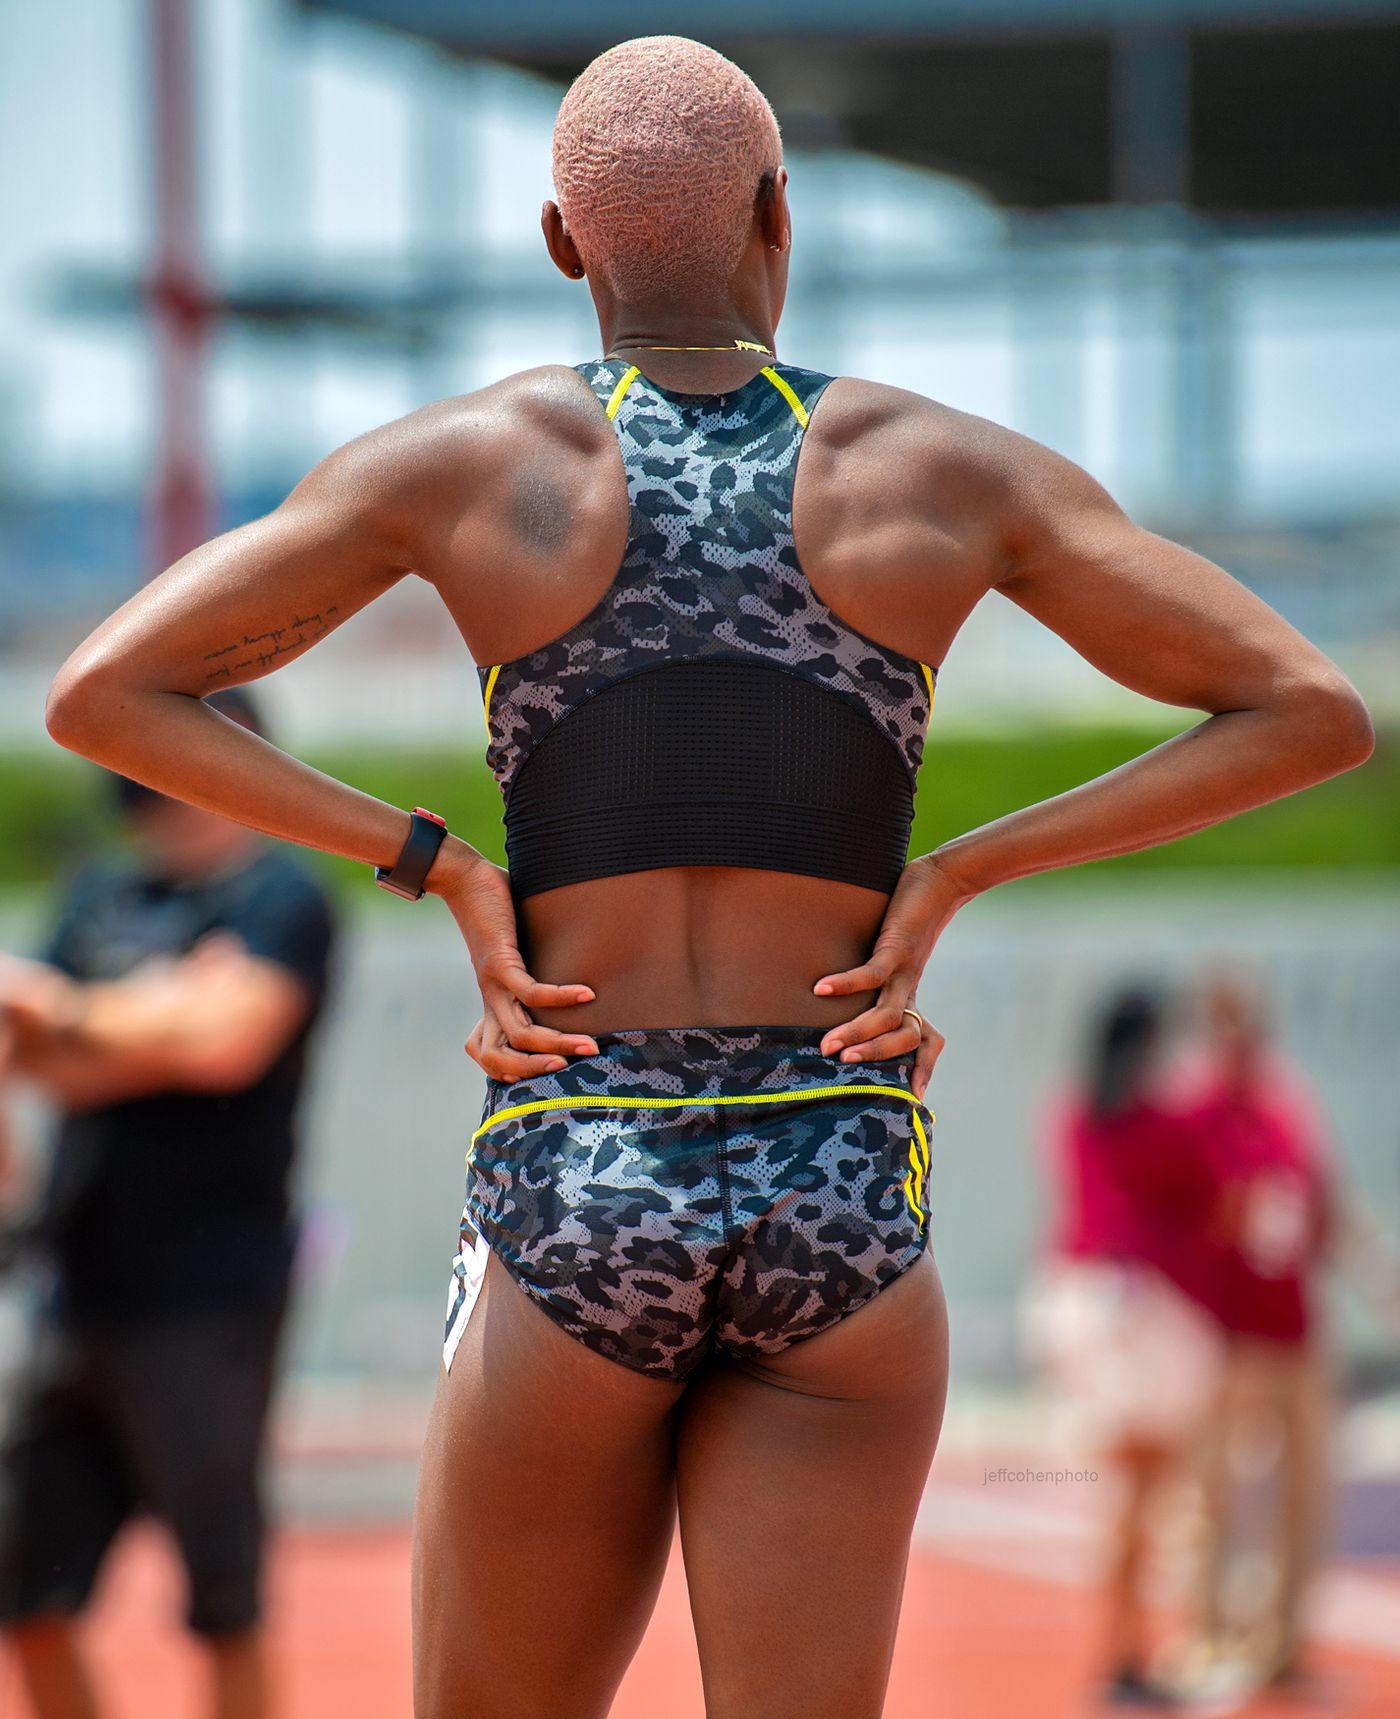 Shamier Little, 400 meter hurdles, 2021 USATF Golden Games